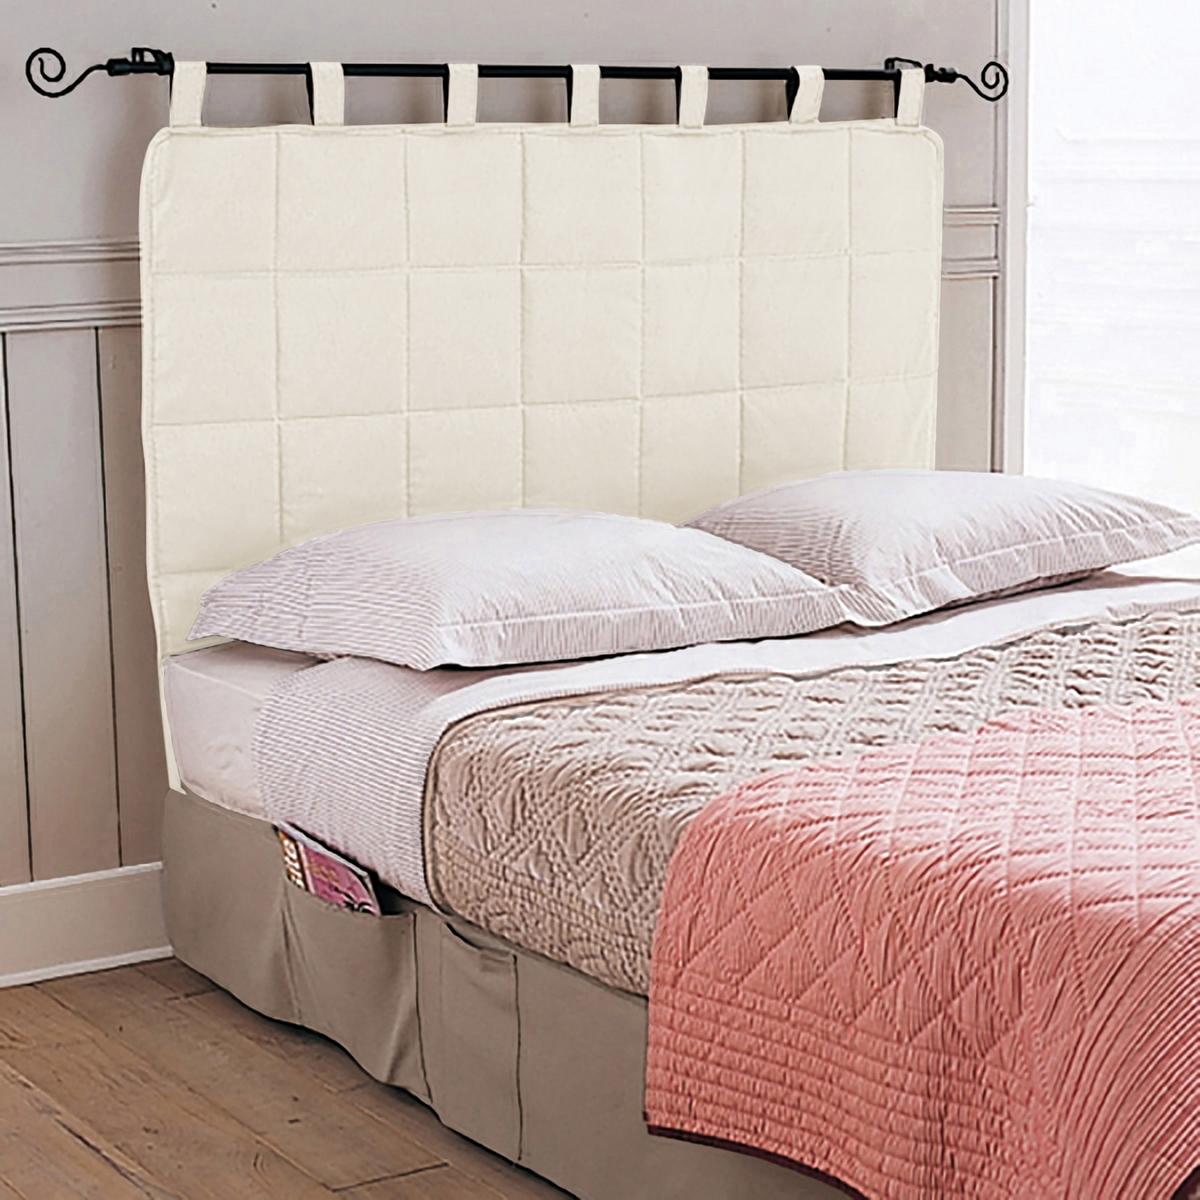 Панель для изголовьяСтеганая панель для изголовья кровати элегантно дополнит интерьер Вашей спальни. Ткань из 80% хлопка, 20% полиэстера. 5 стильных цветов на выбор. Высота 90 см (из них 10 см - шлевки). Стирка при 40°.<br><br>Цвет: бежевый,серо-коричневый каштан,серый жемчужный,серый,экрю<br>Размер: 140 x 100 см